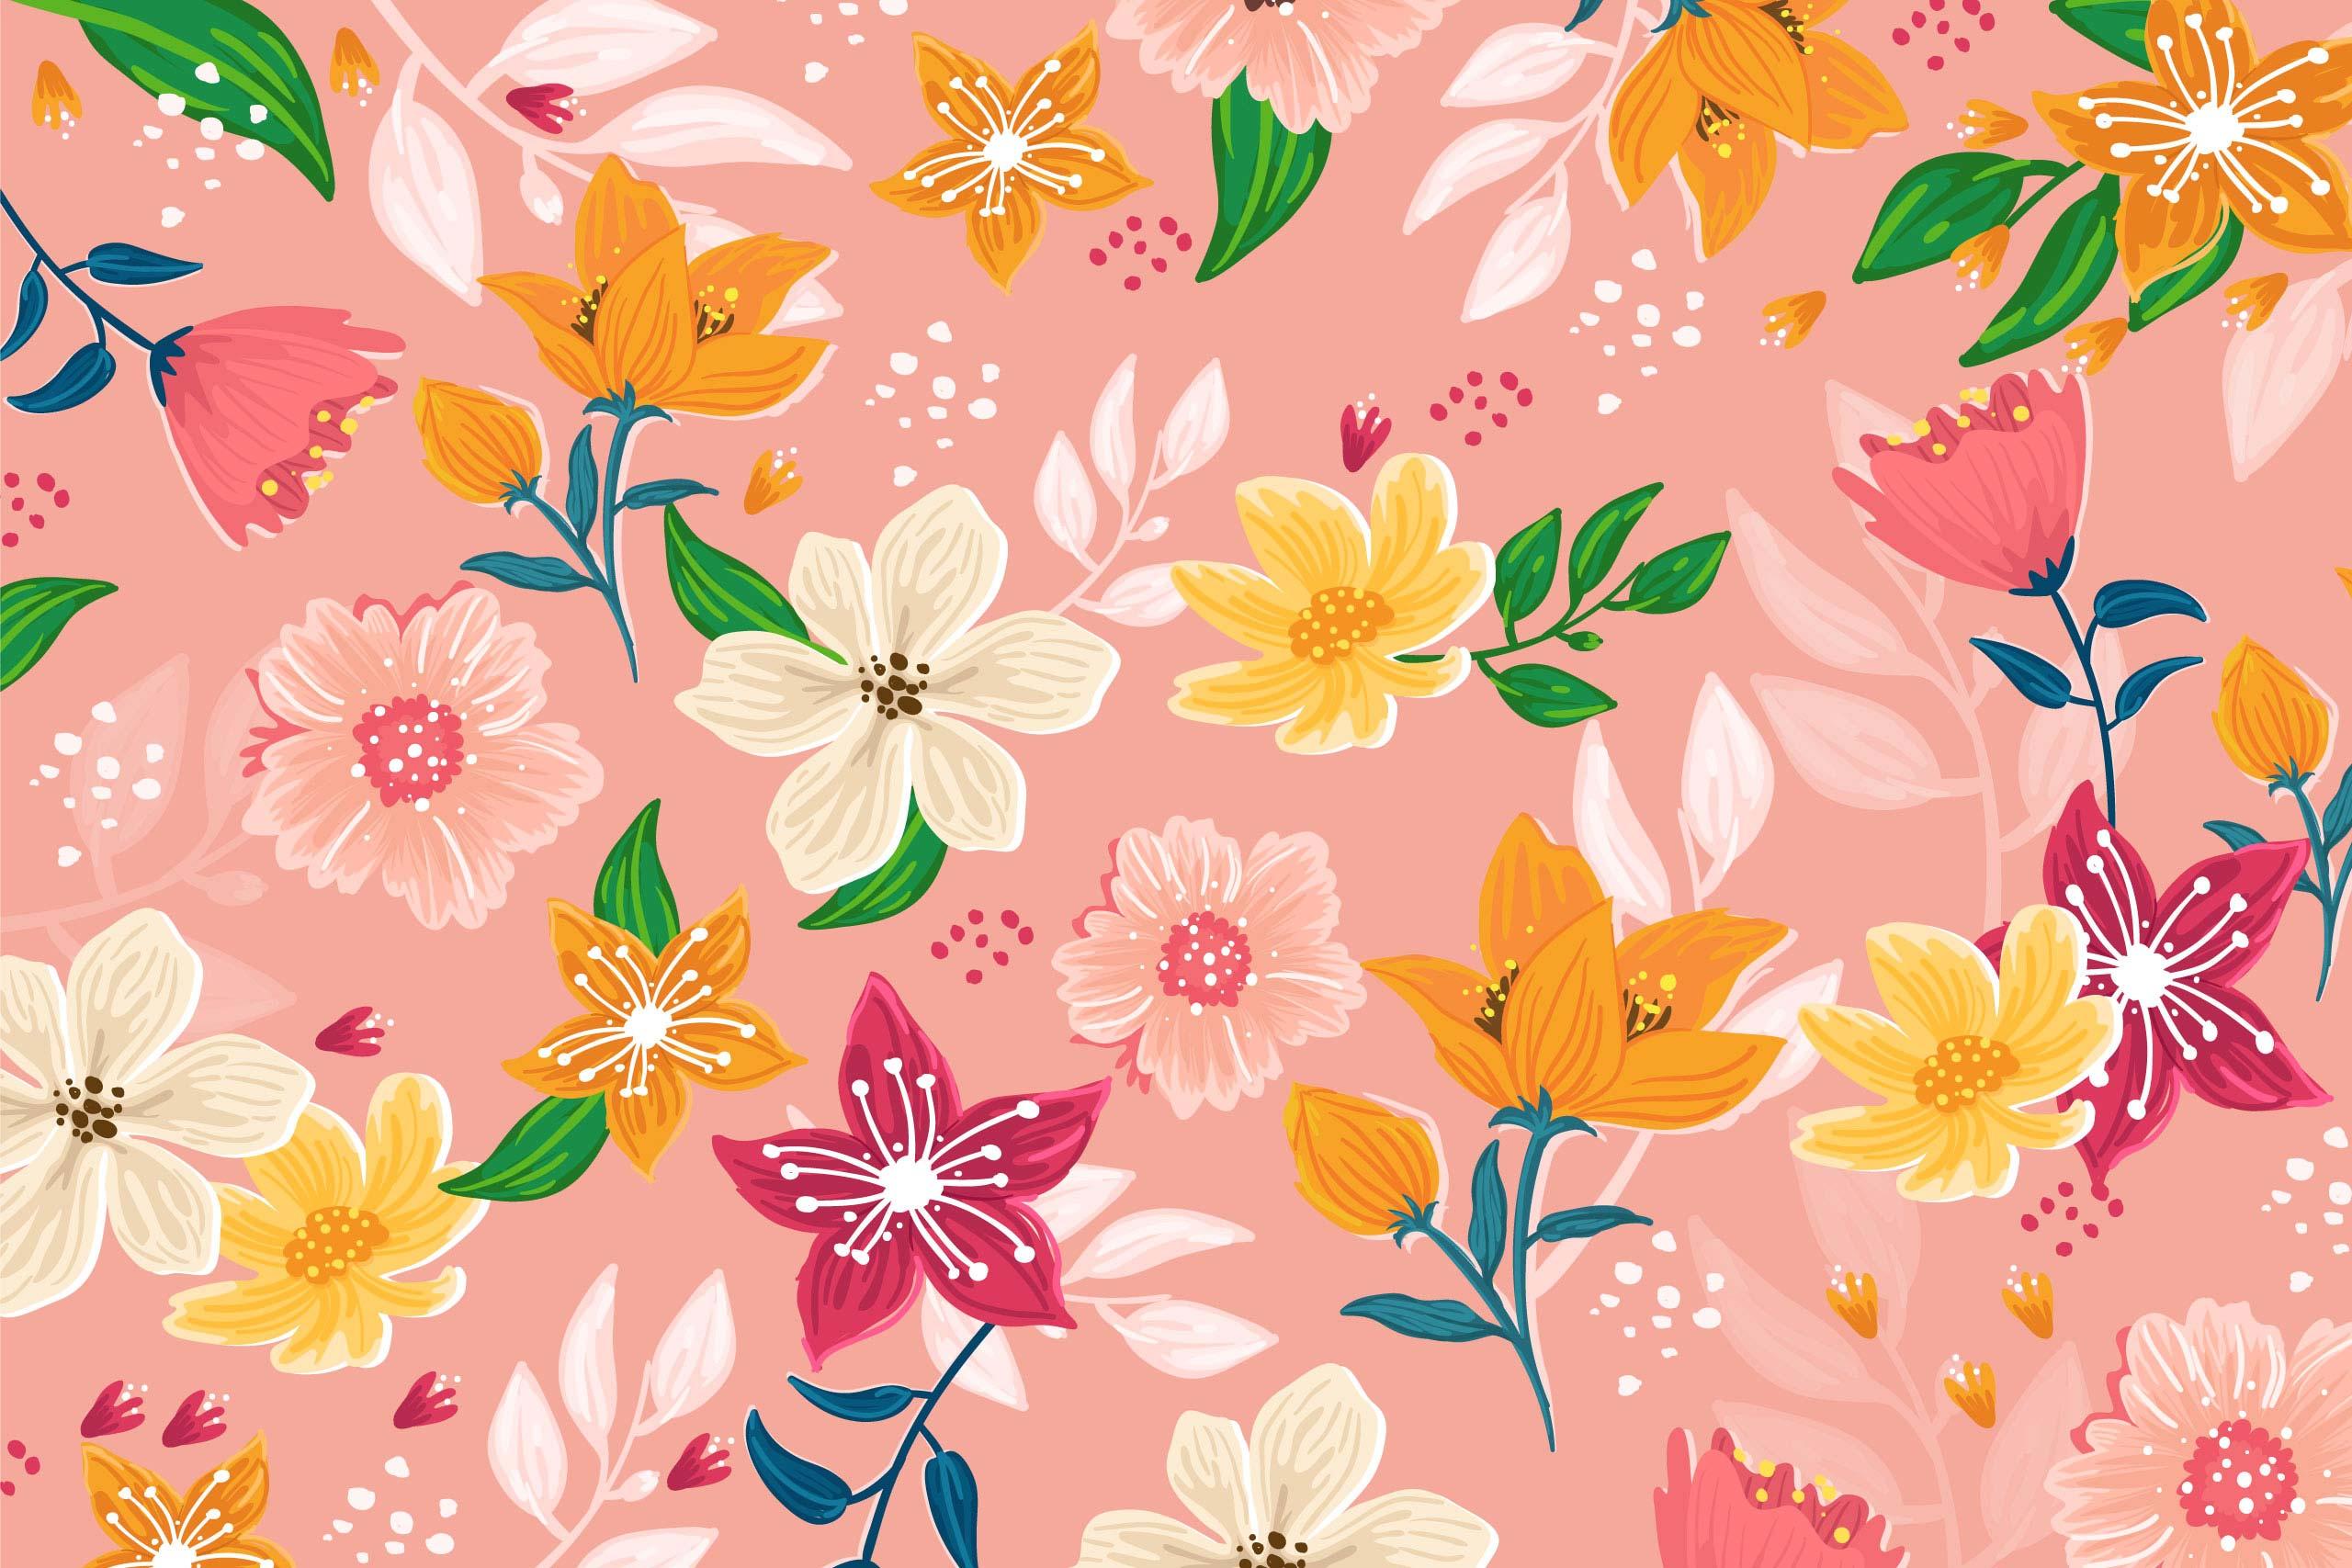 Цветочный розовый фон с оранжевыми растениями.